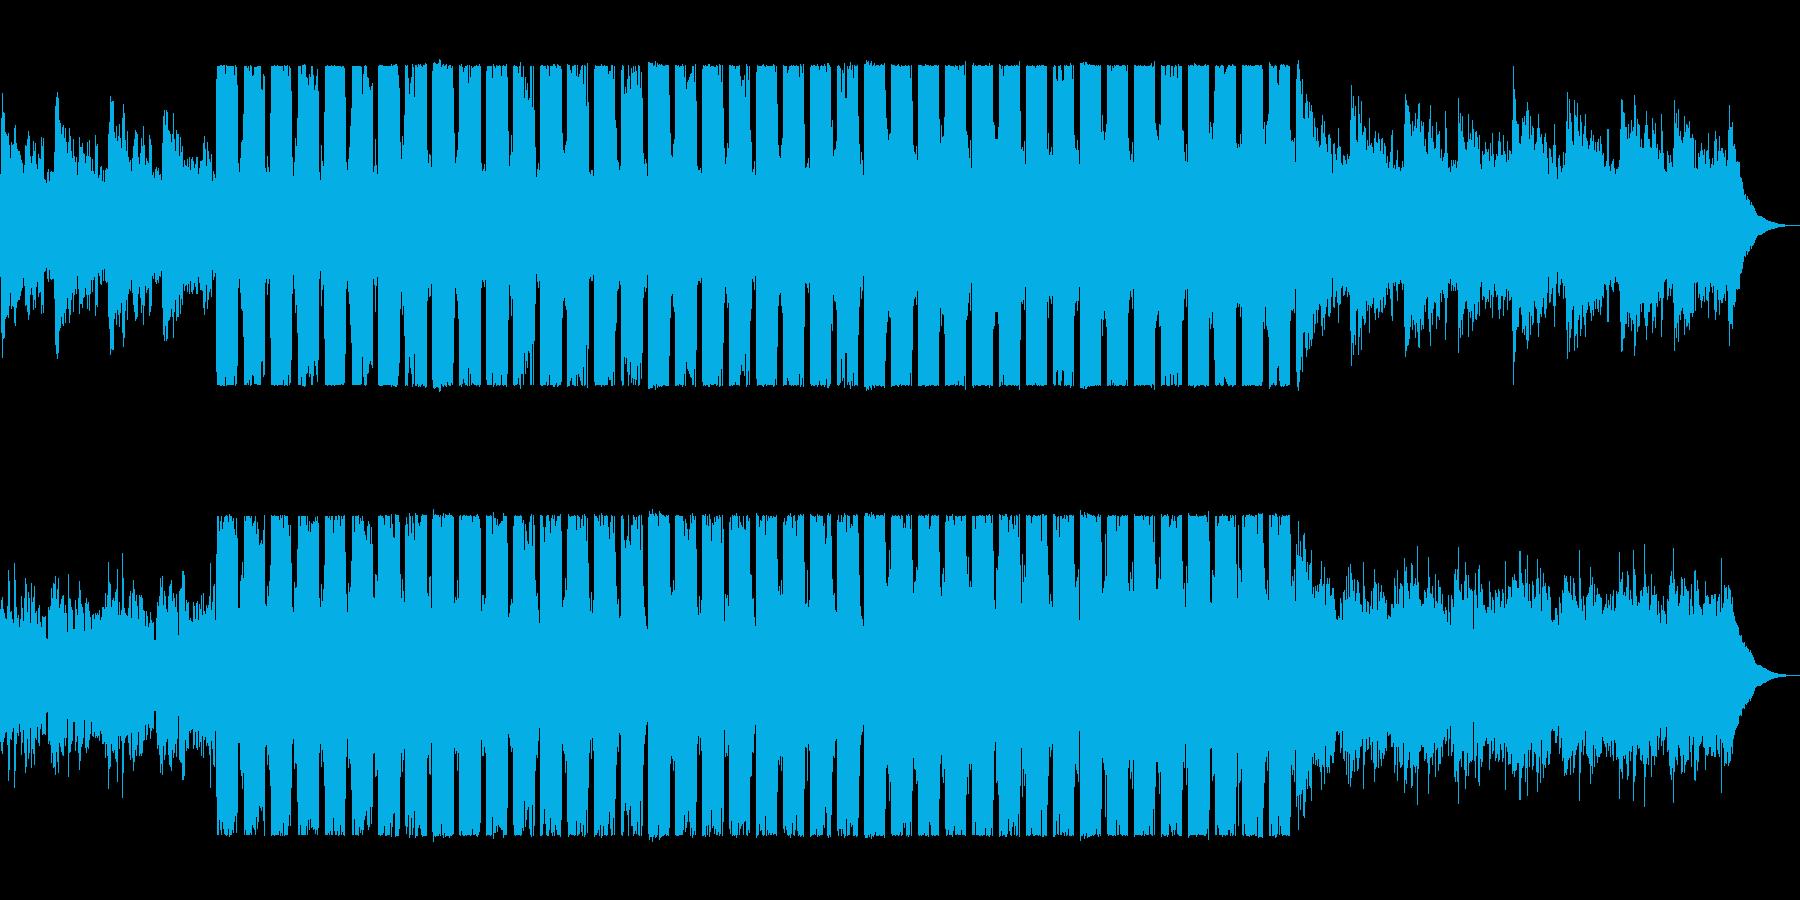 滑らかで綺麗なピアノドラムンベーステクノの再生済みの波形